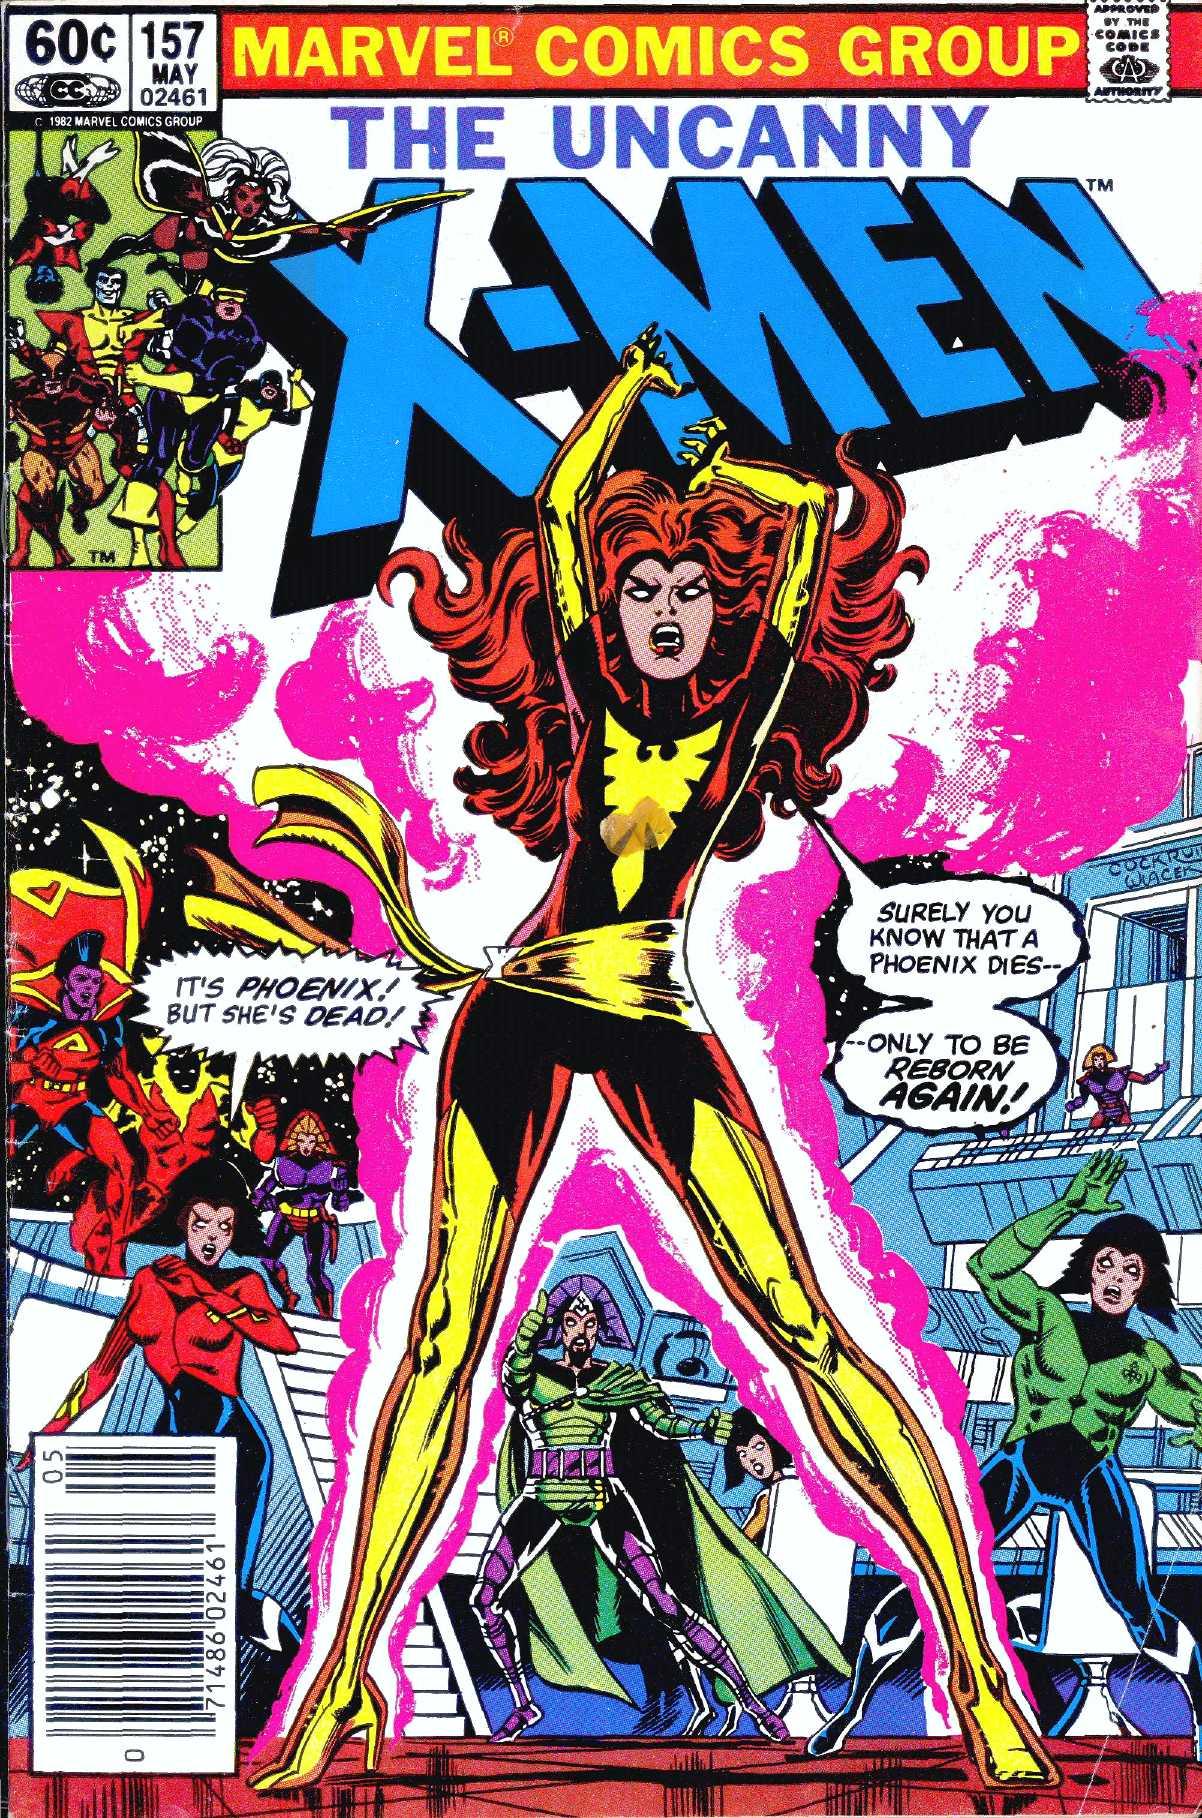 The Uncanny X Men Wallpapers Comics Hq The Uncanny X Men